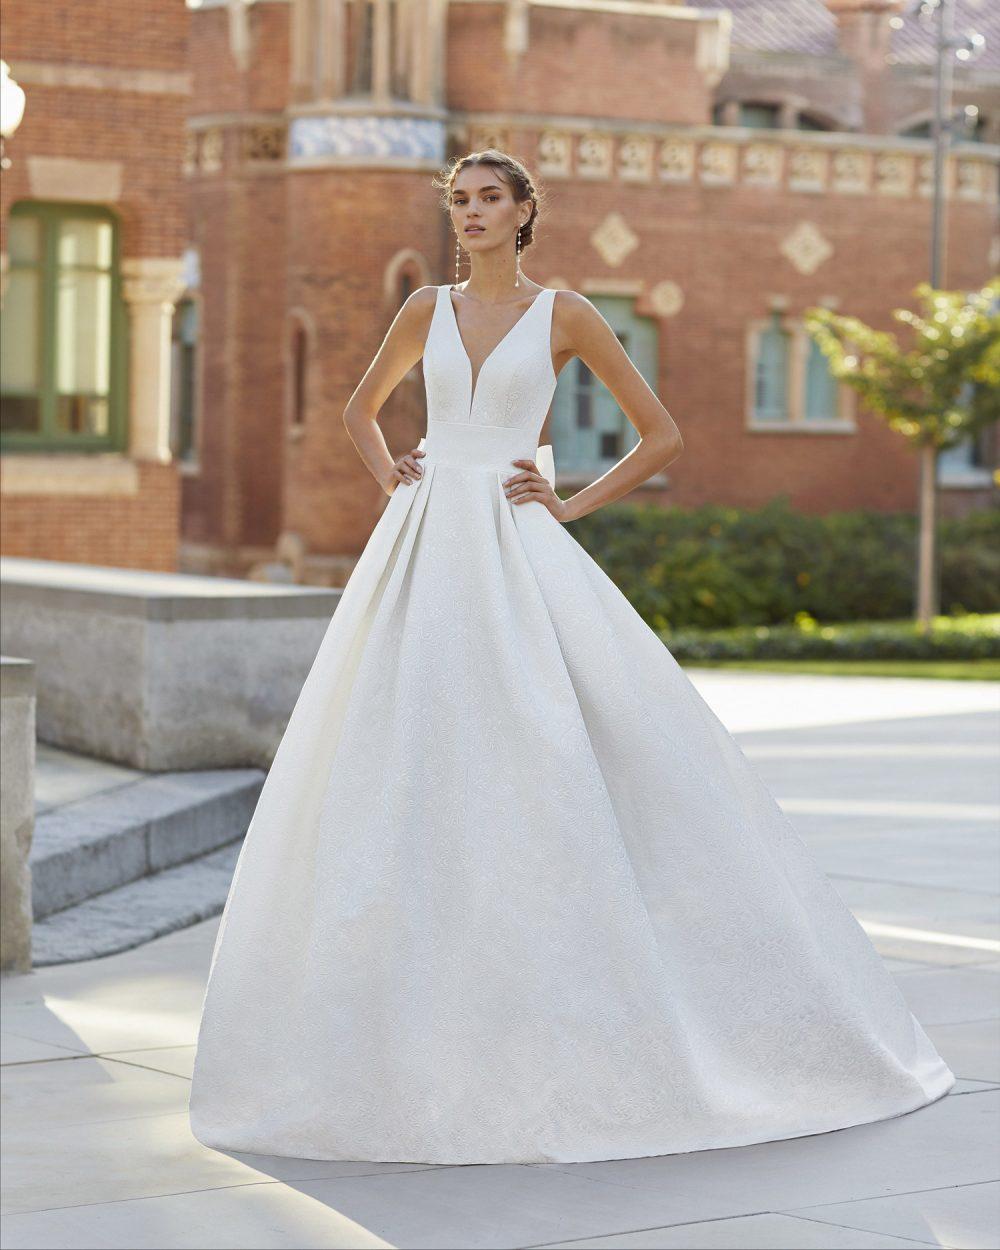 Mariages: abito da sposa Rosa Clarà 2021 a Vicenza, Verona, Padova, Veneto 5S164 YUMEI